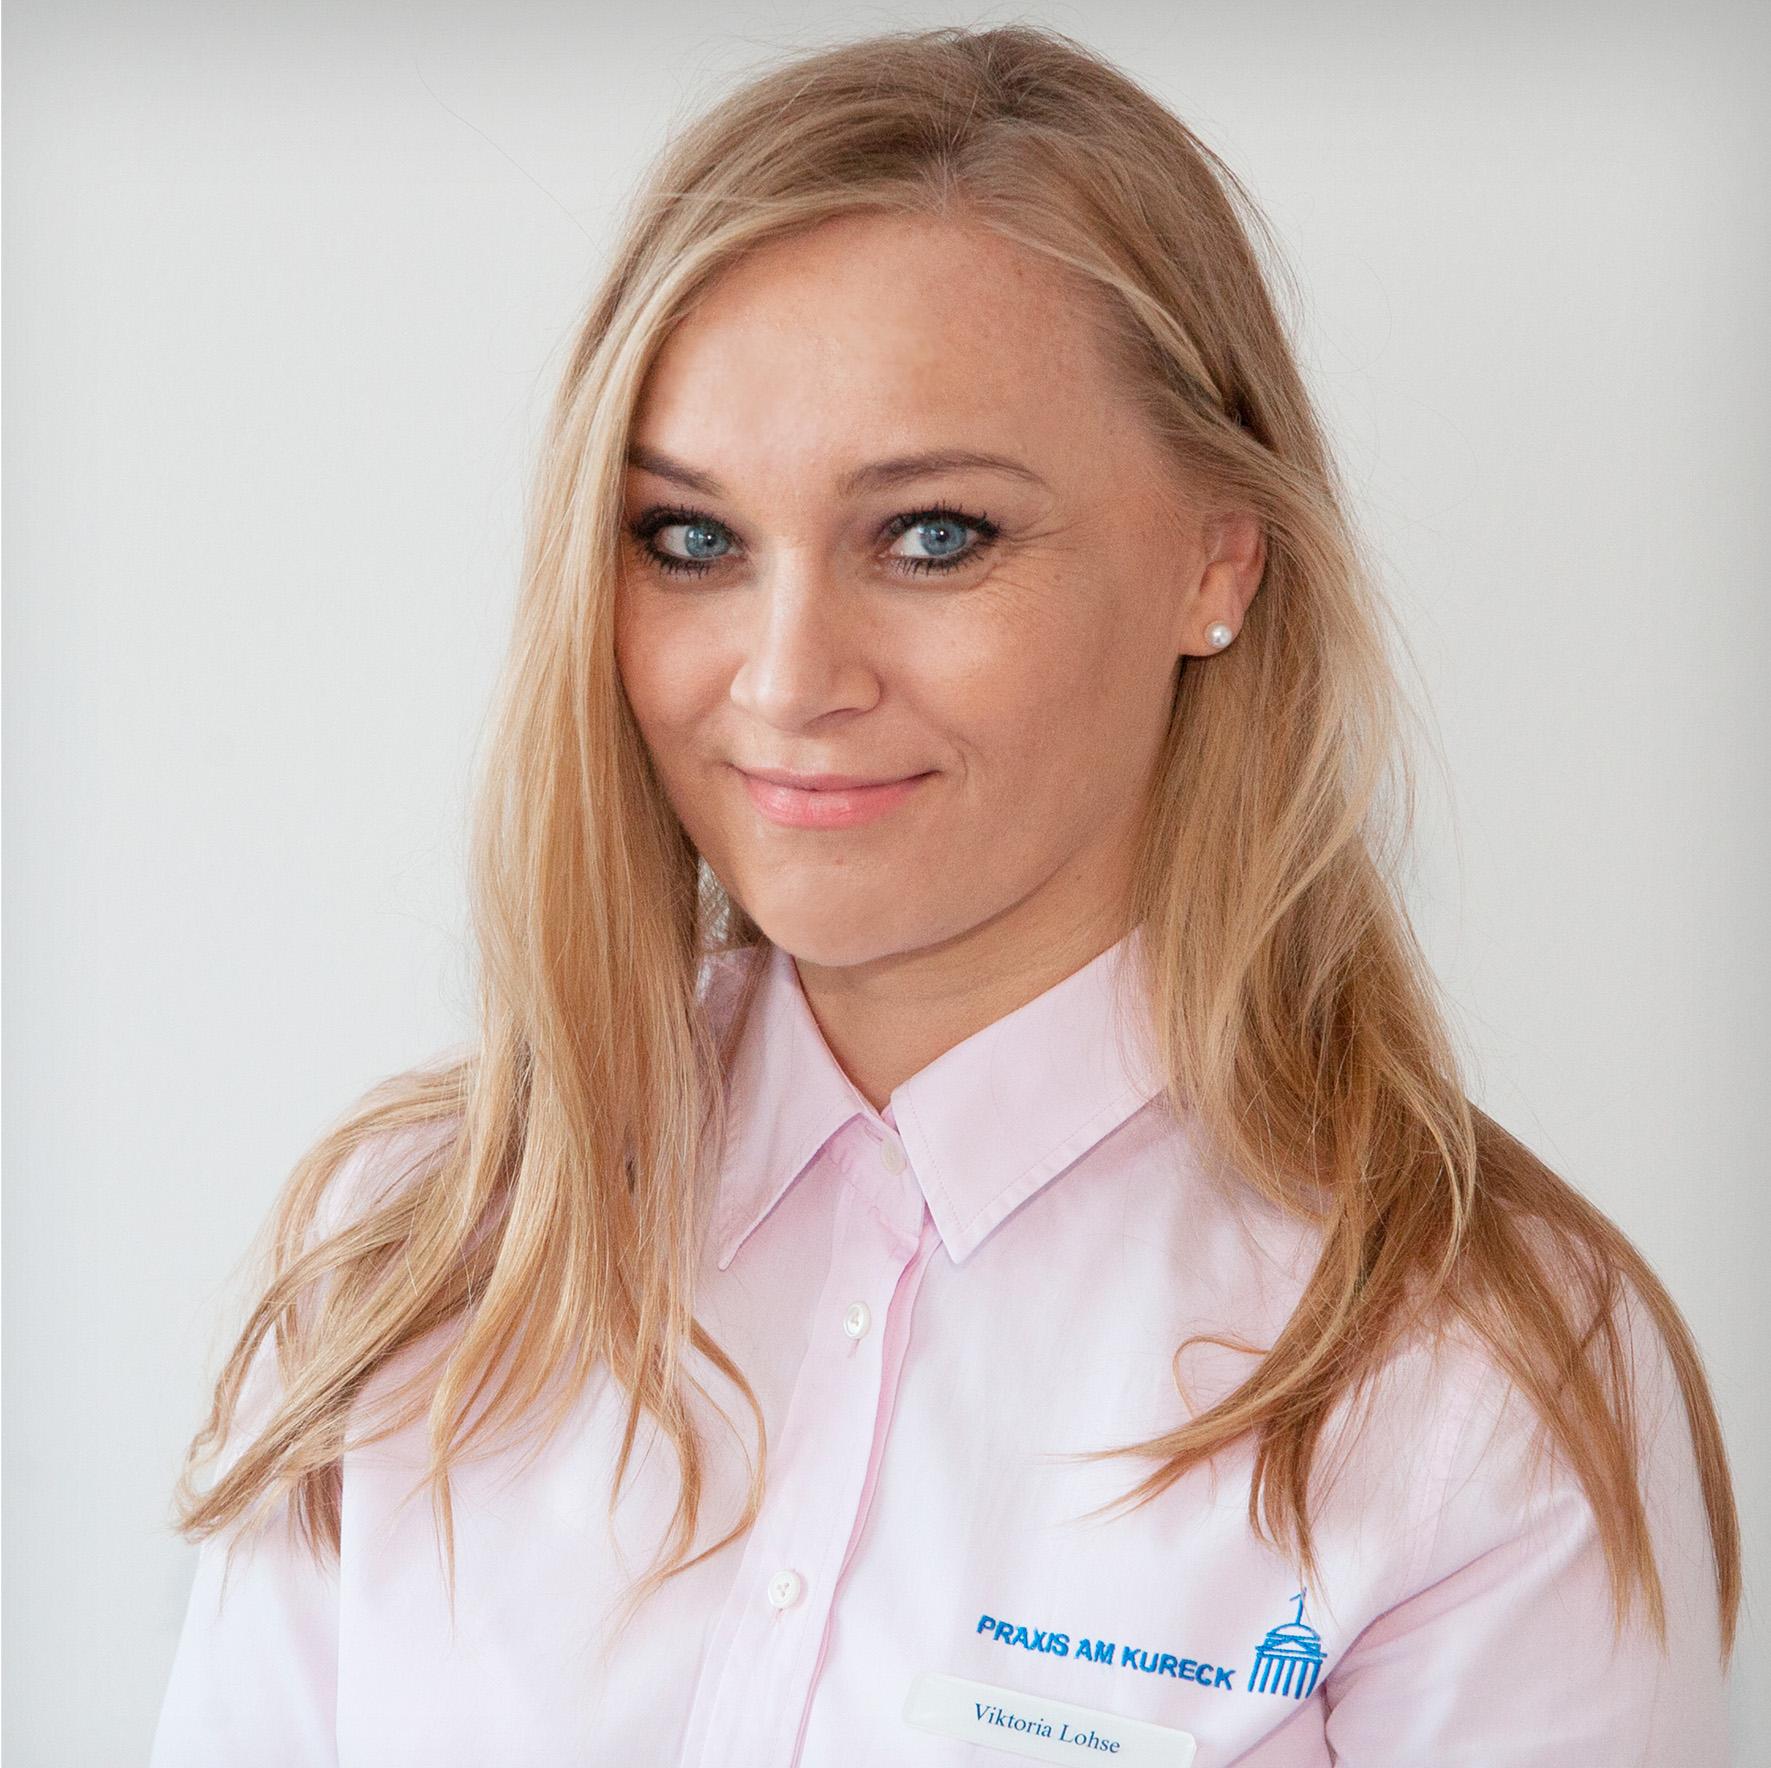 Viktoria Lohse